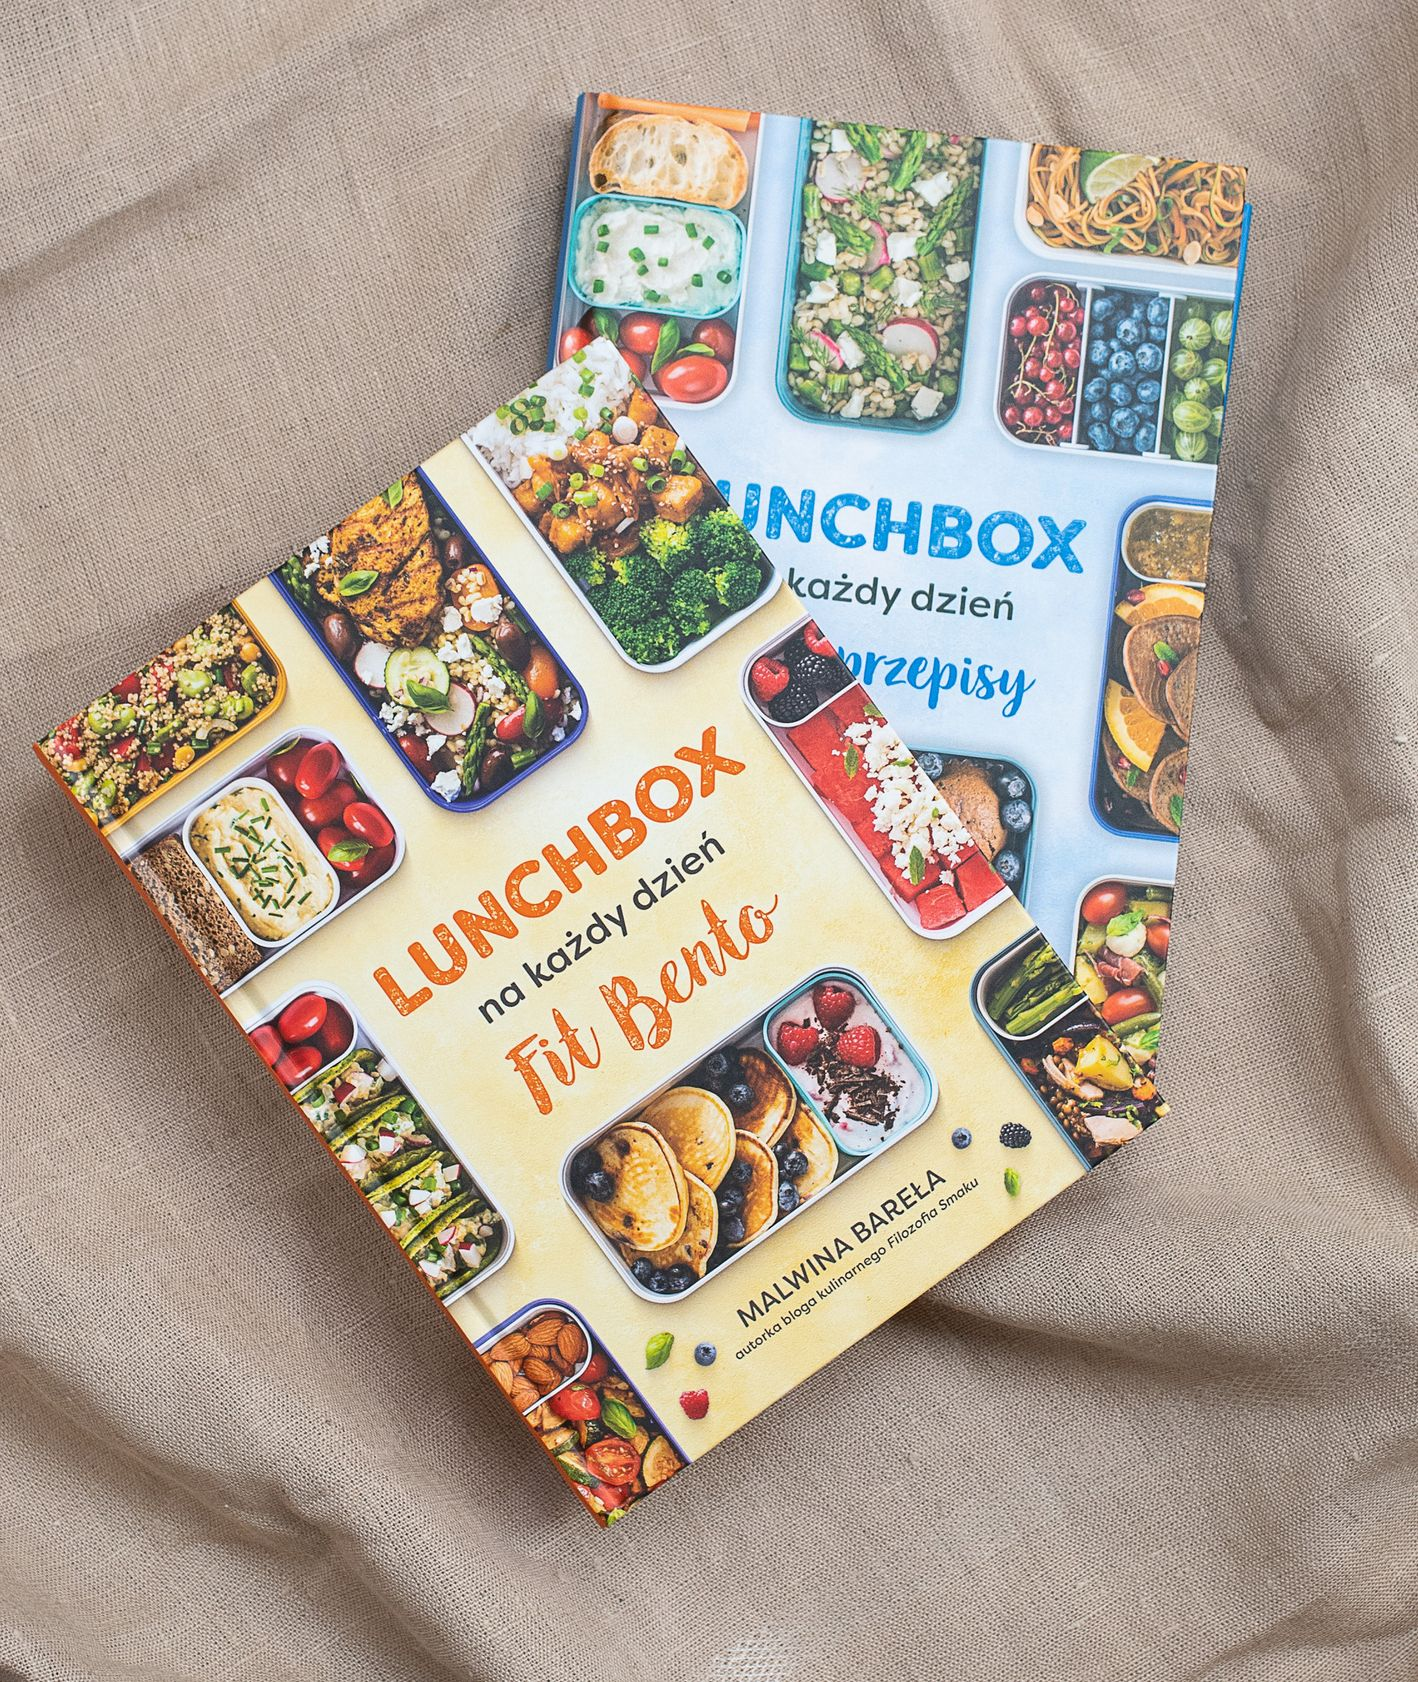 Seria książek Lunchbox na każdy dzień (fot. Paulina Czyżewska)